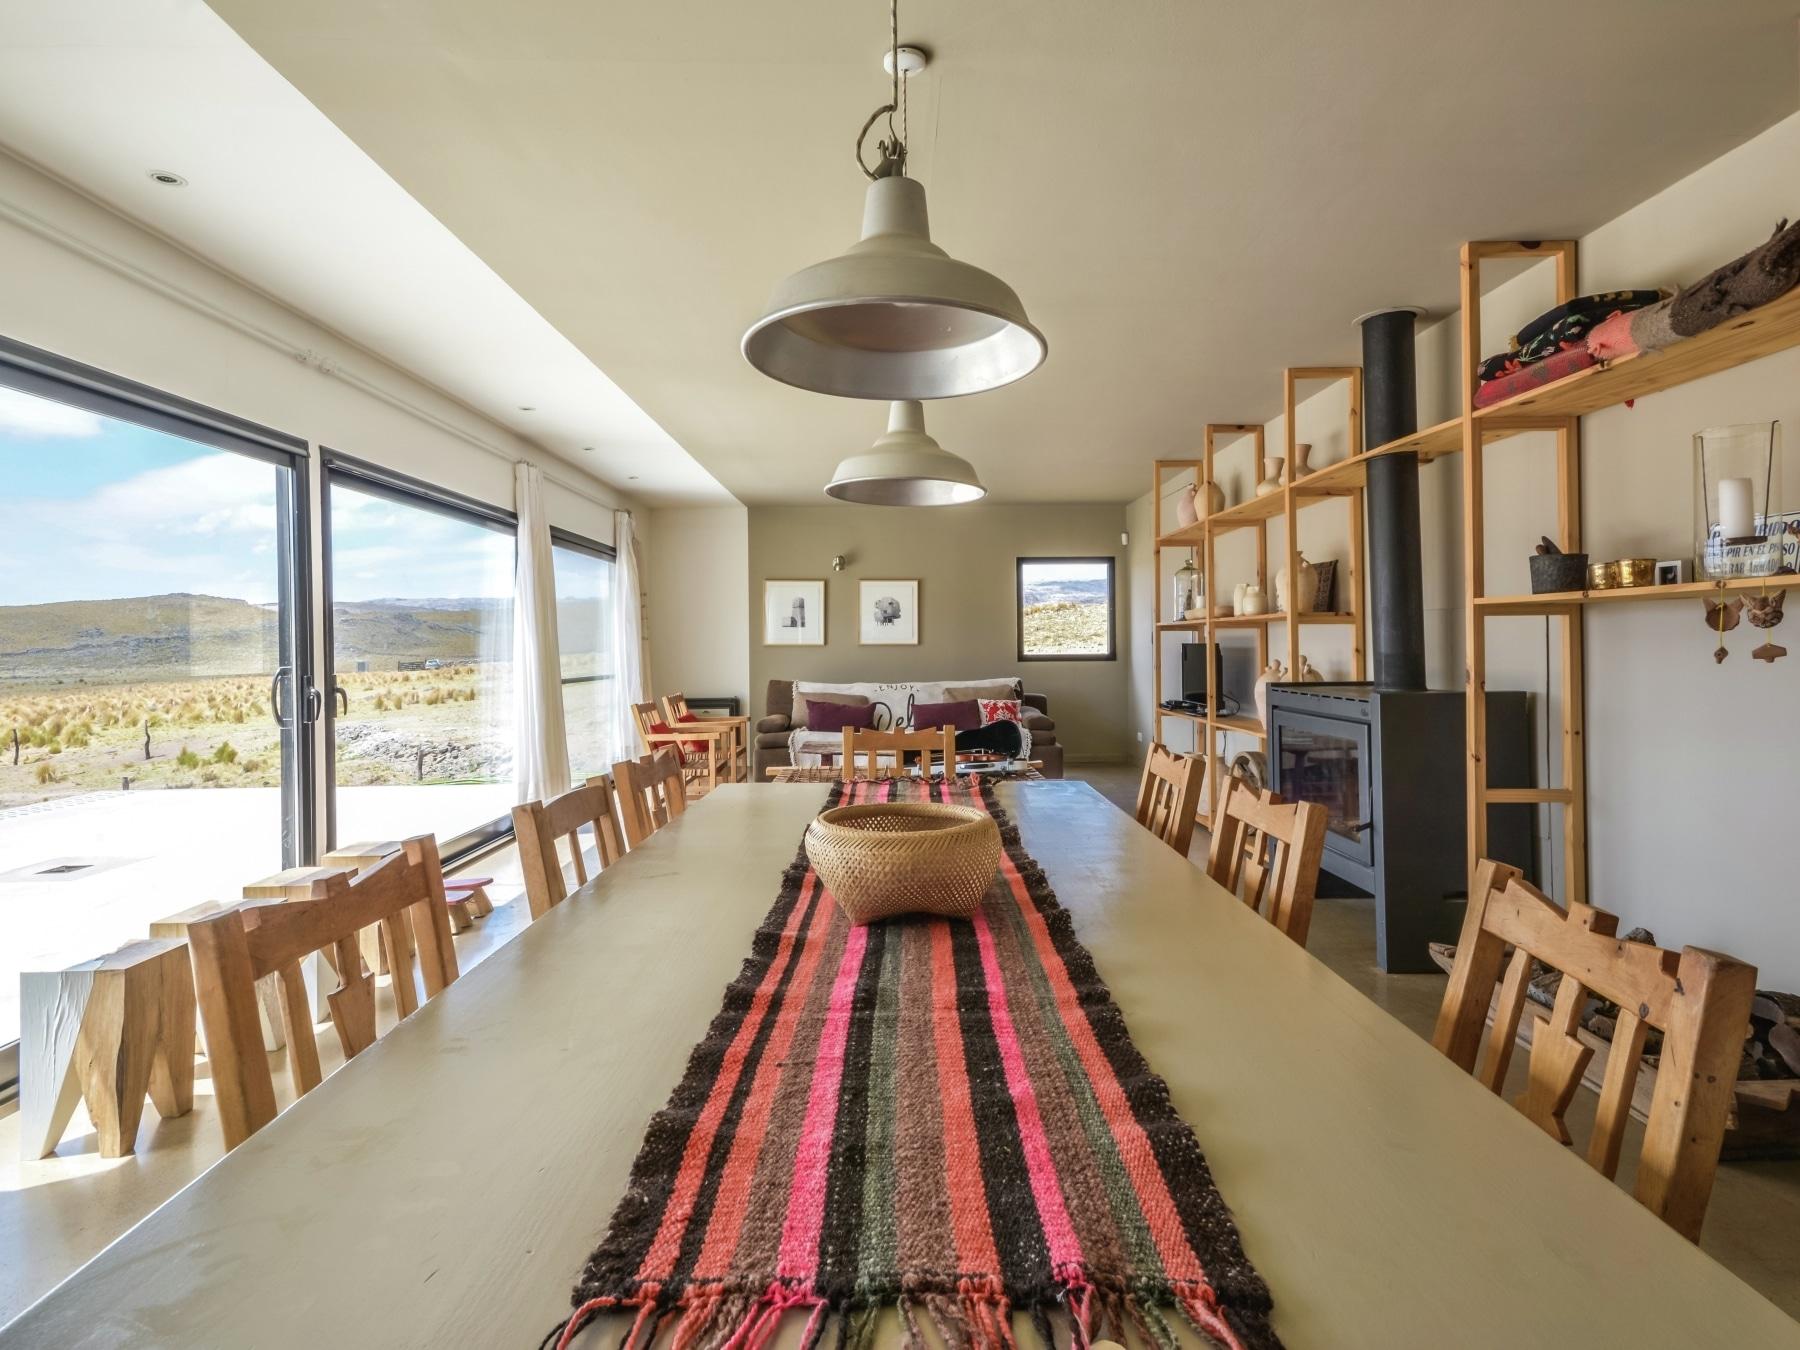 Dise o casa de campo tres dormitorios construye hogar - Diseno de casas de campo ...